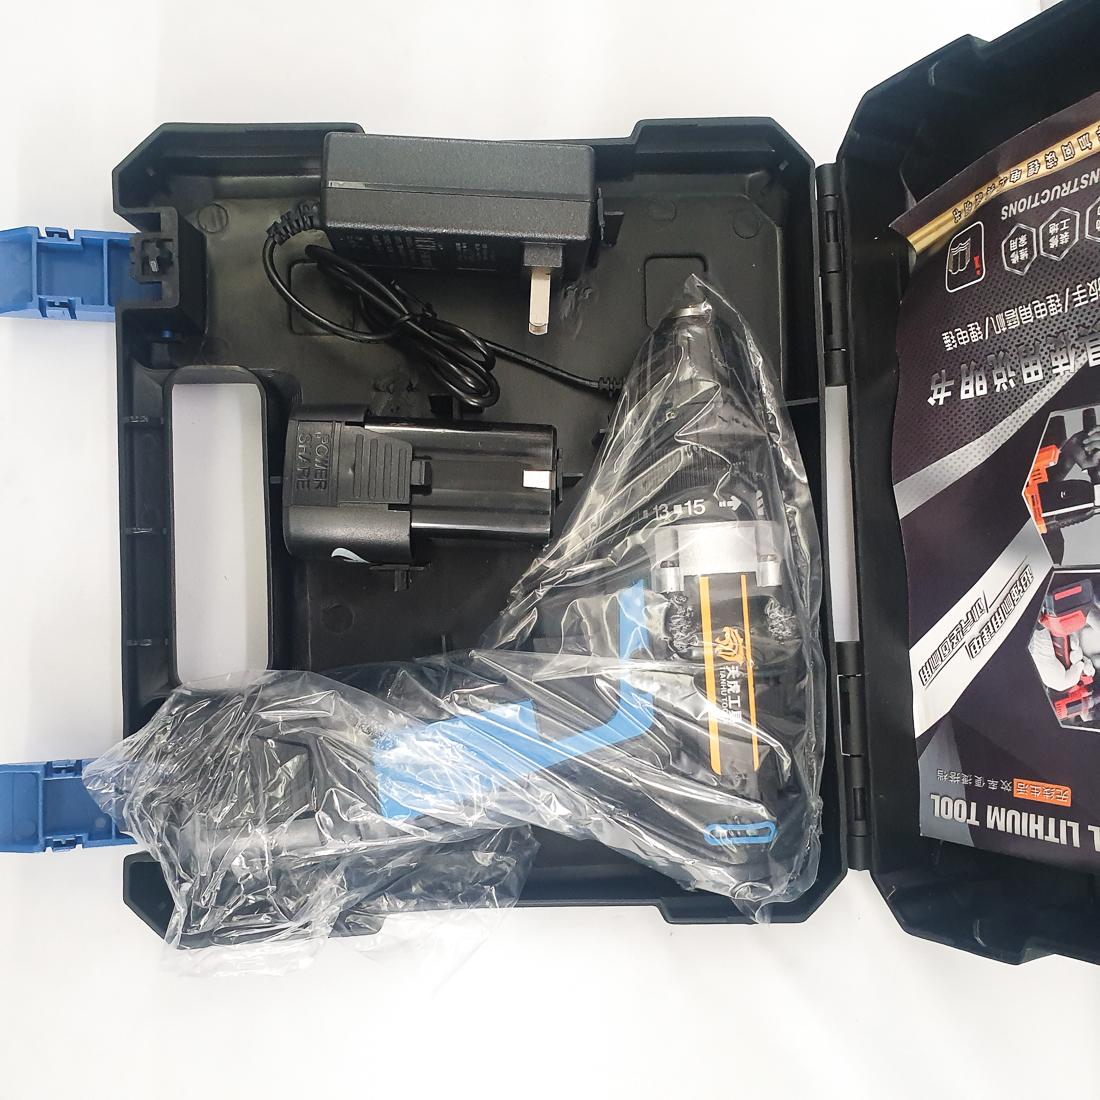 Máy Khoan Dùng Pin Tianhu Tools Máy Khoan Máy Khoan Bắn Vit Máy Khoan Cầm Tay Máy Khoan Sửa Chữa Vặn Vít Có Đảo Chiều (Kèm Pin Dự Phòng) - Màu xanh dương 18V